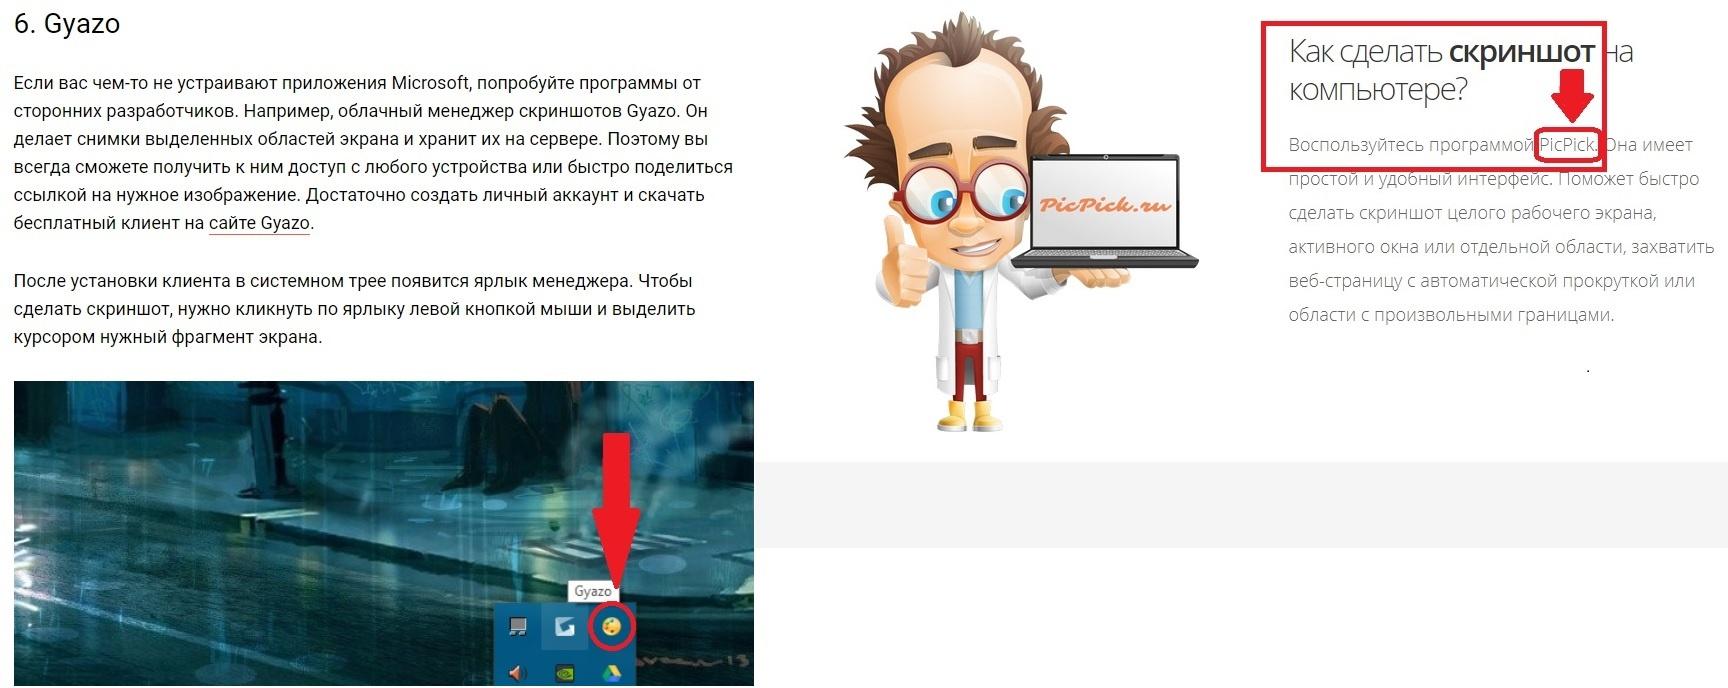 Как сделать скриншот экрана на смартфонах Windows 33